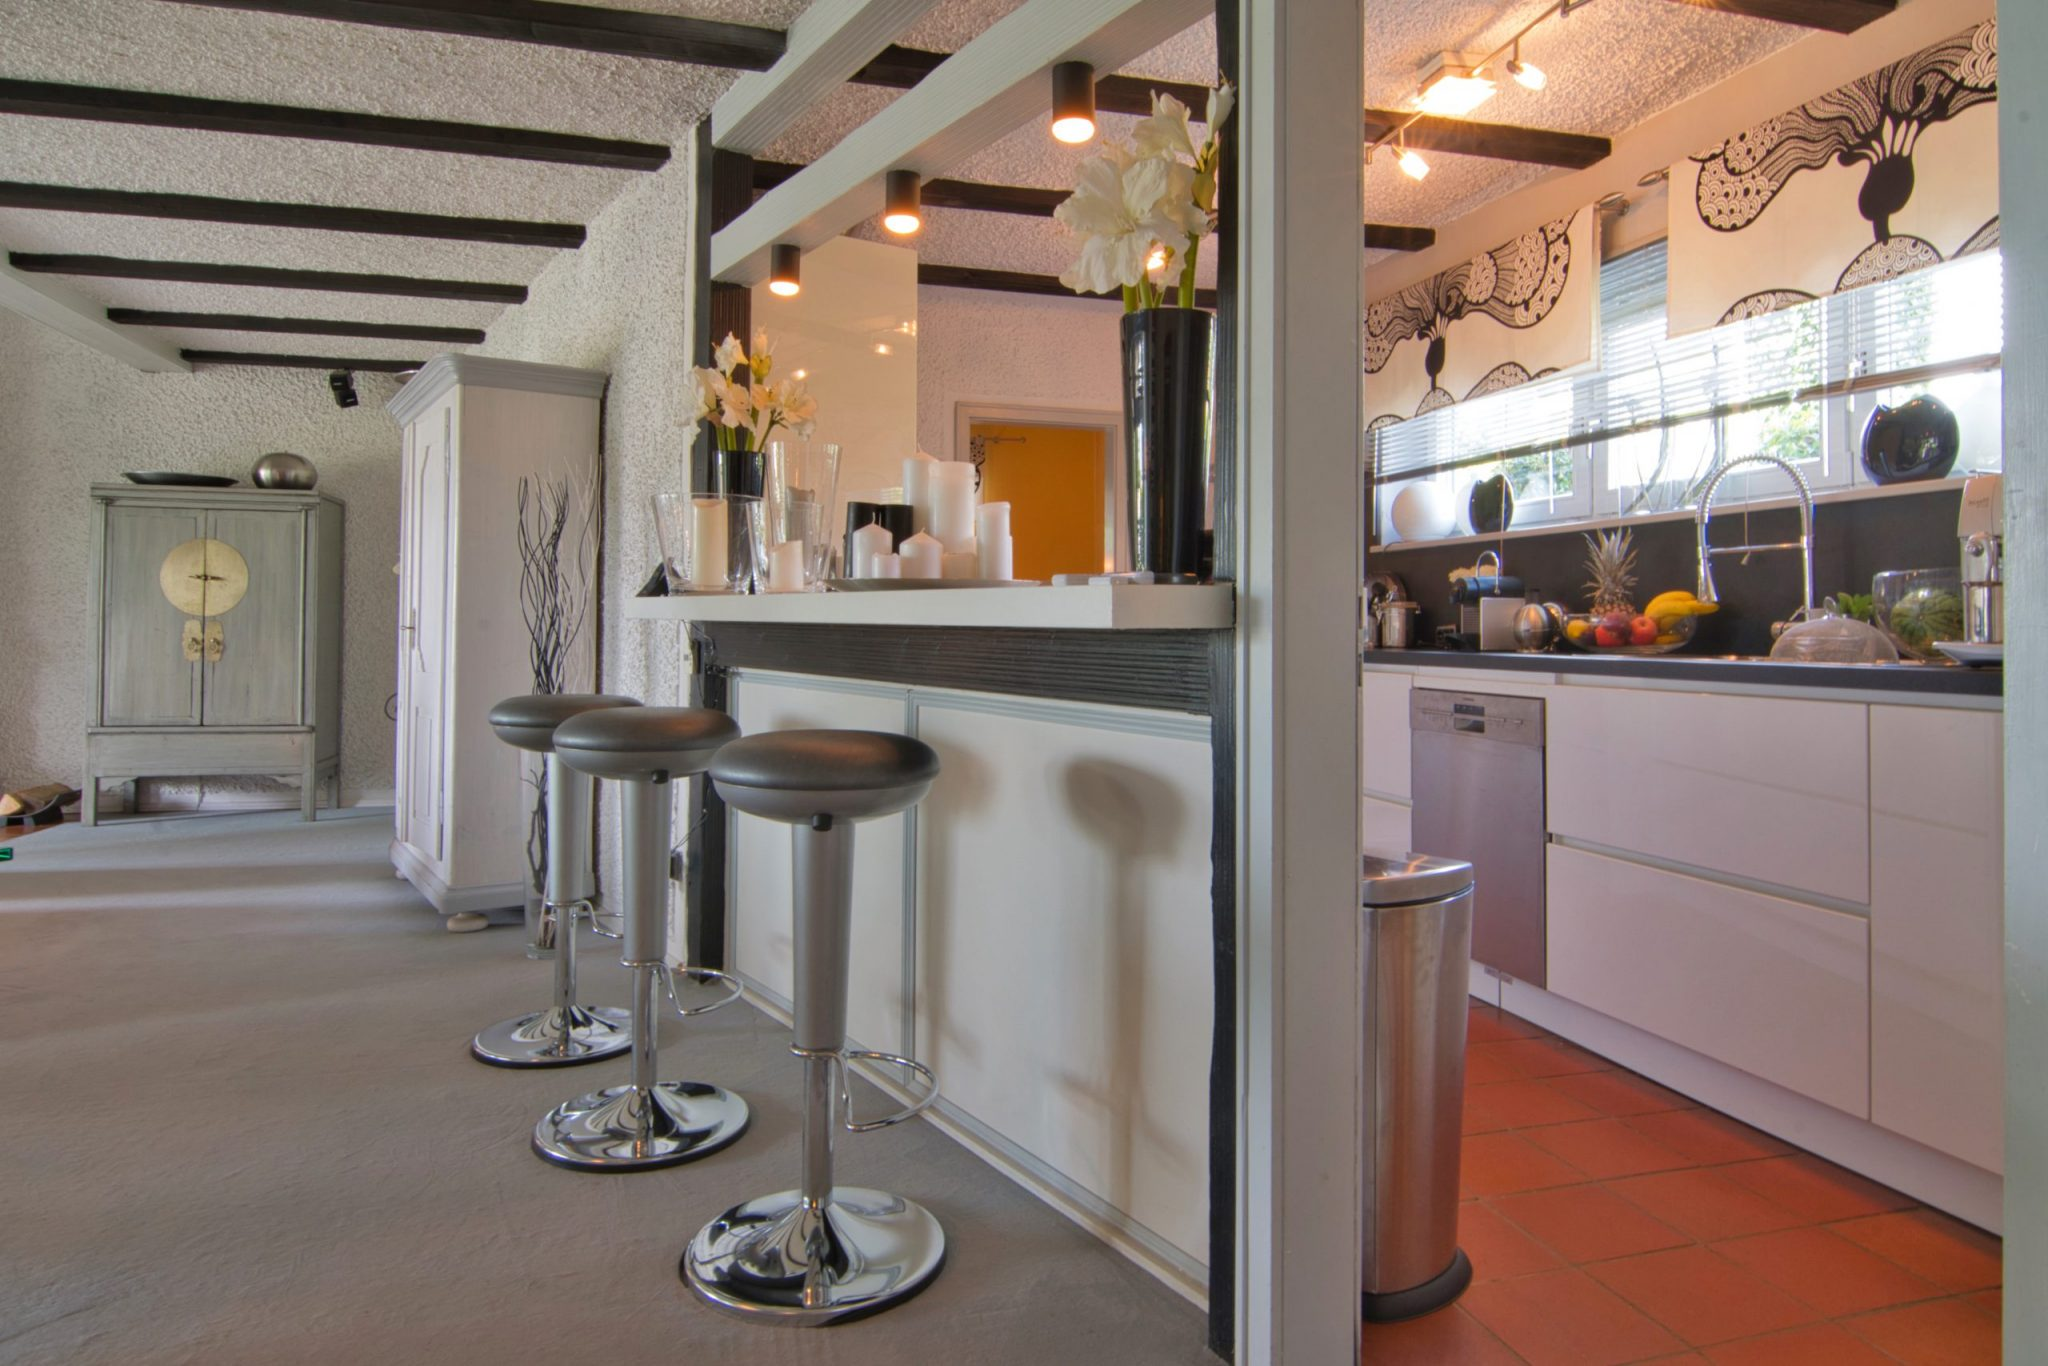 Offene Küche mit Sitzgelegenheit